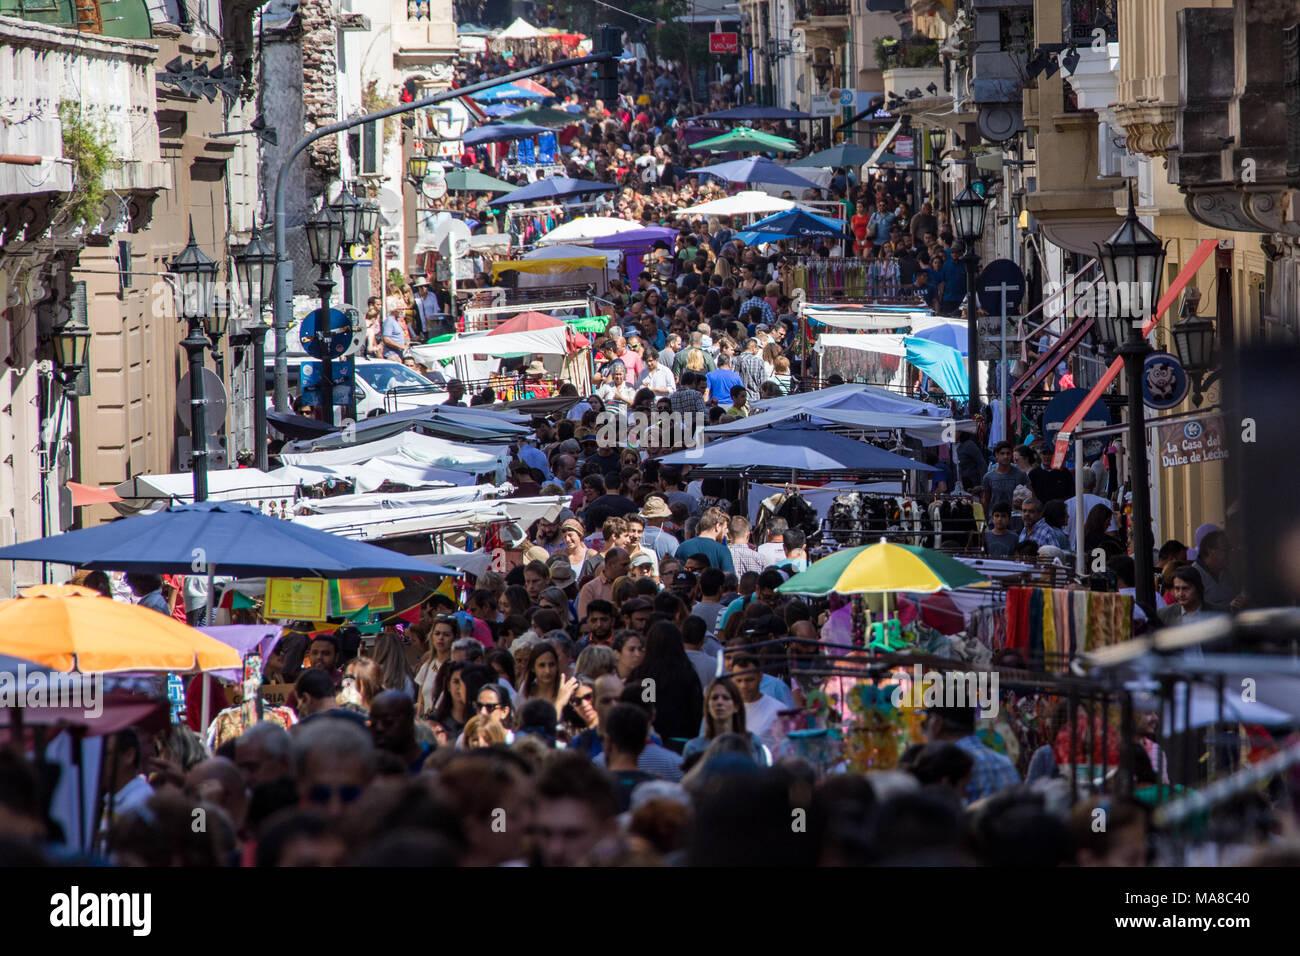 Feria de San Telmo, le marché du dimanche, Buenos Aires, Argentine Photo Stock